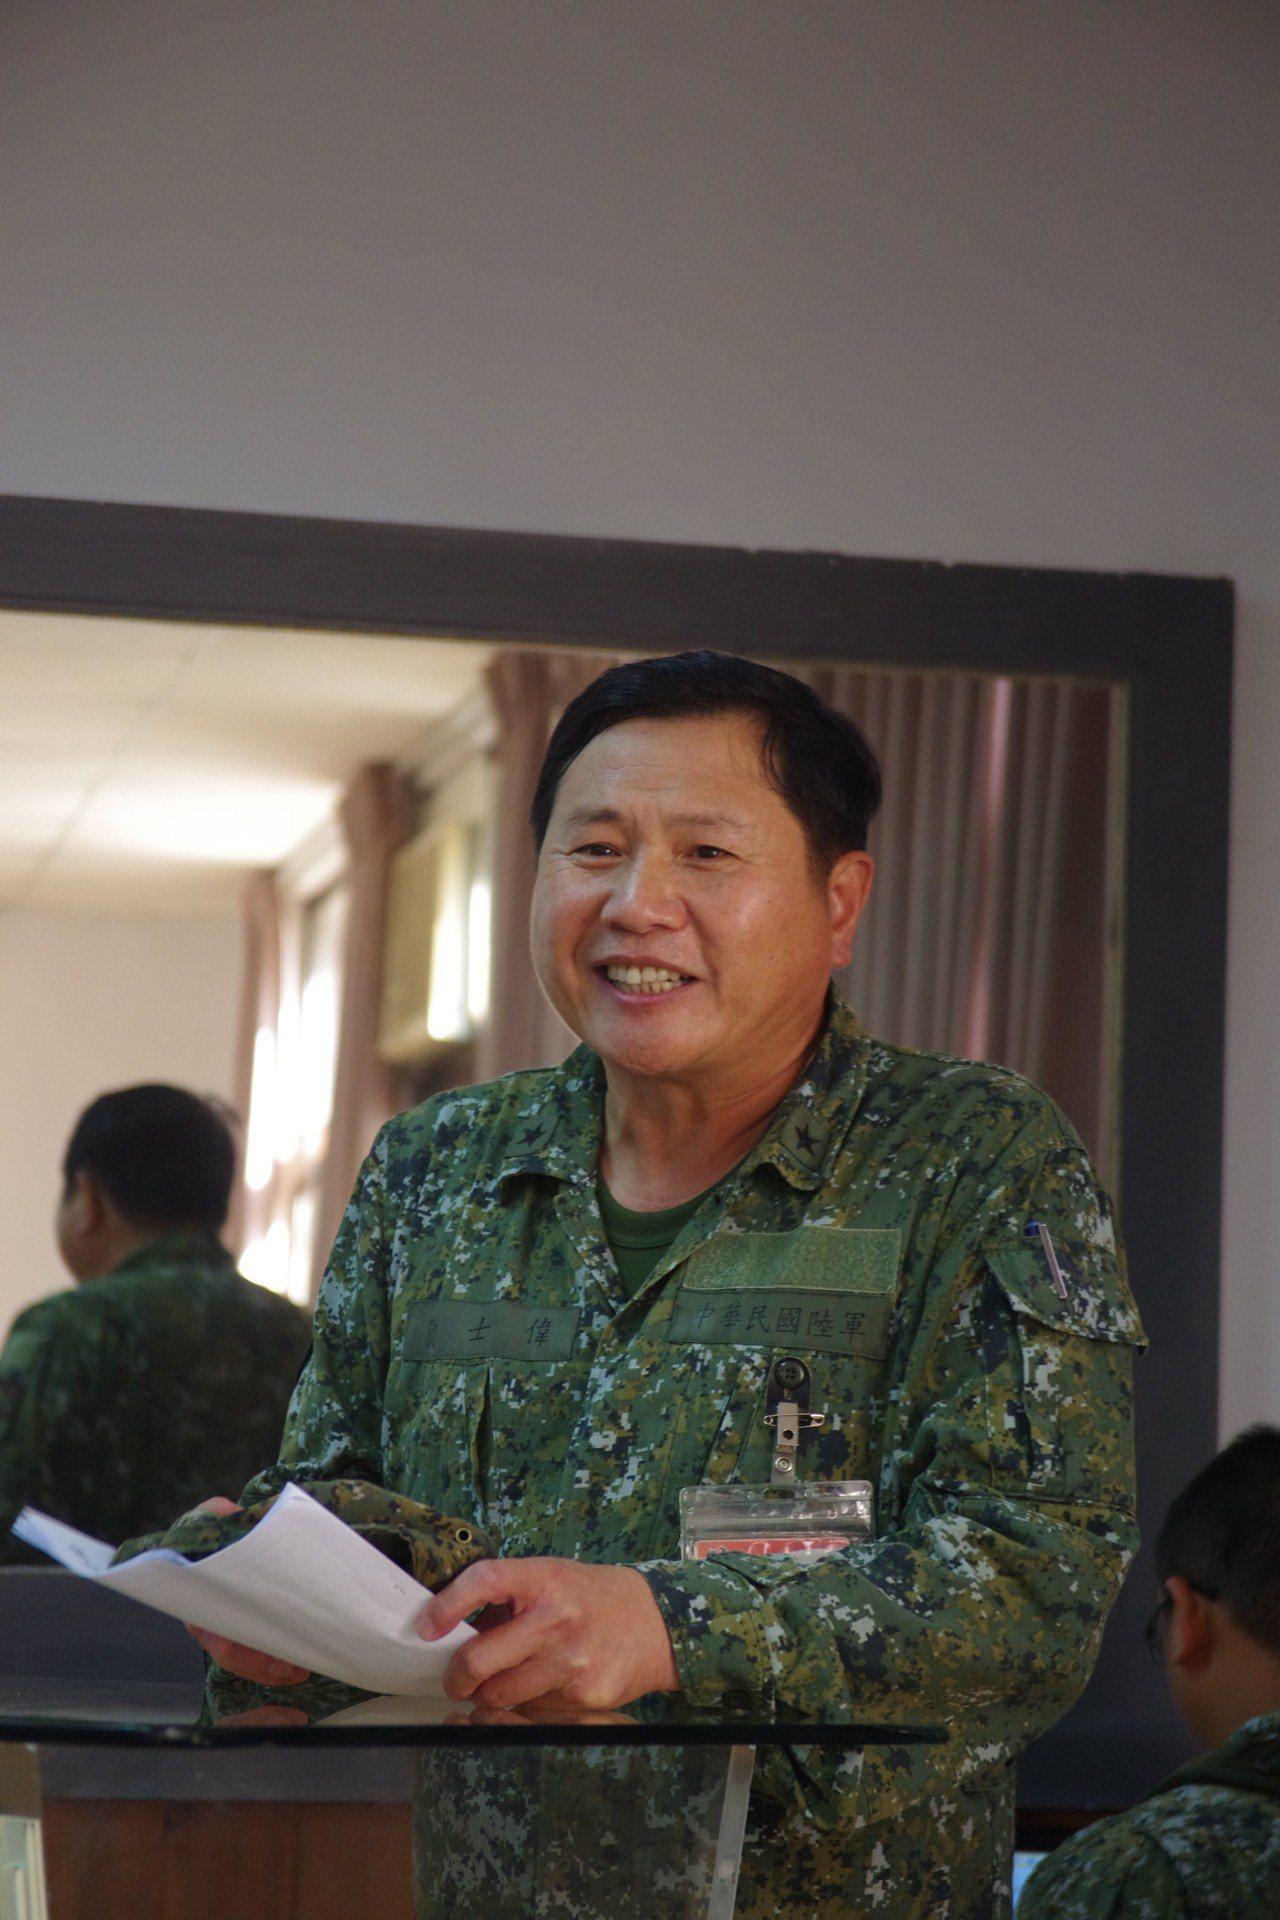 新任陸軍政戰主任簡士偉少將,明年元旦將升中將。資料照,記者程嘉文/攝影